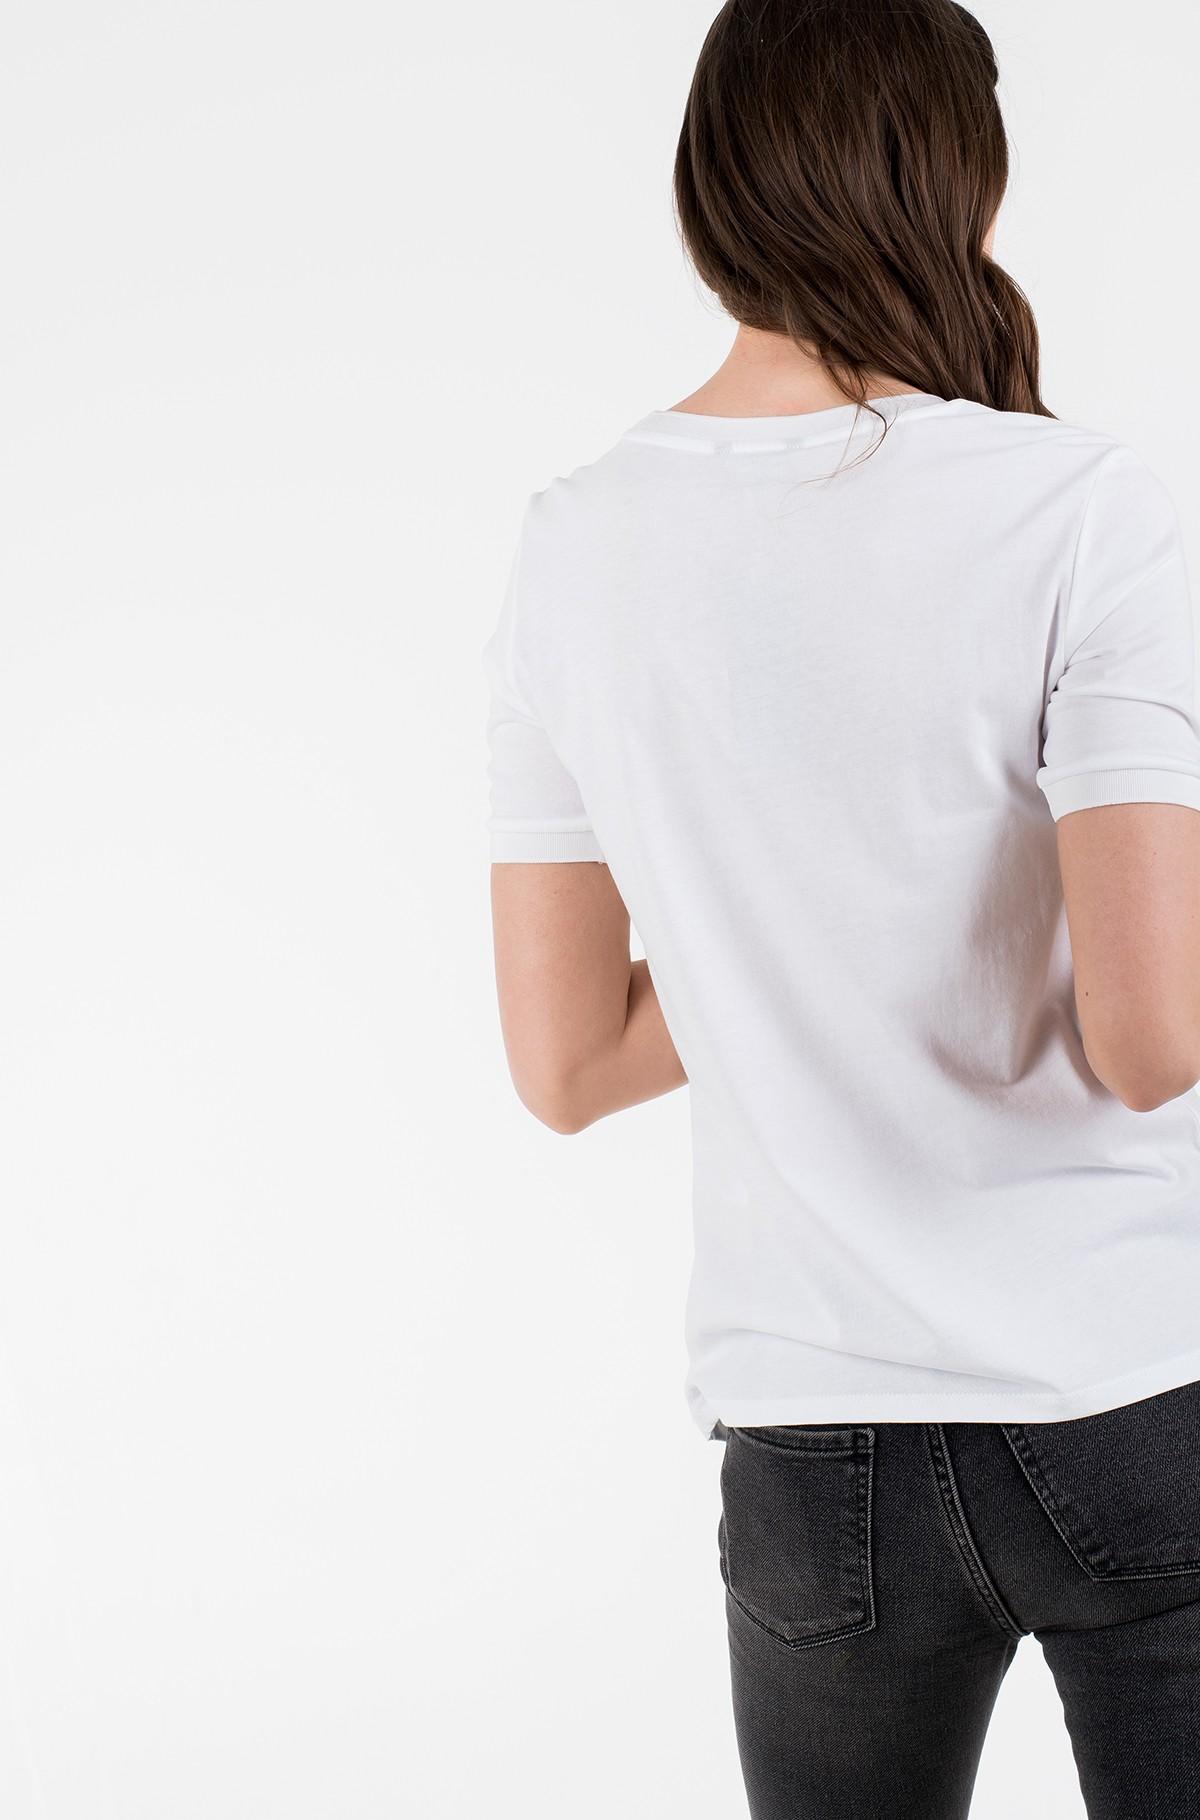 T-shirt 1016496-full-2